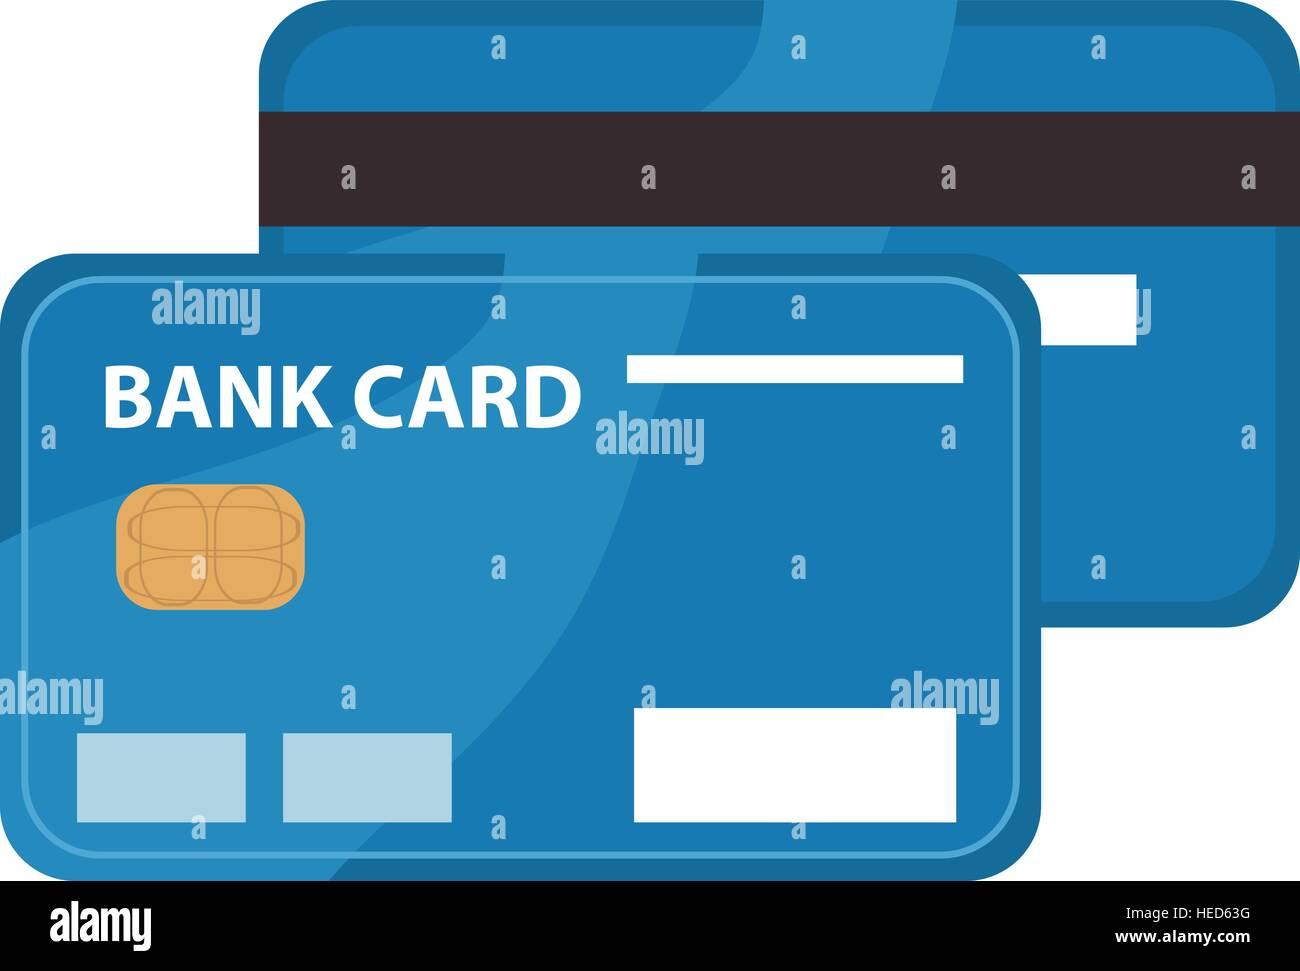 El icono de la tarjeta de crédito, un diseño plano. Tarjeta bancaria aislado sobre fondo blanco. Ilustración Imagen De Stock